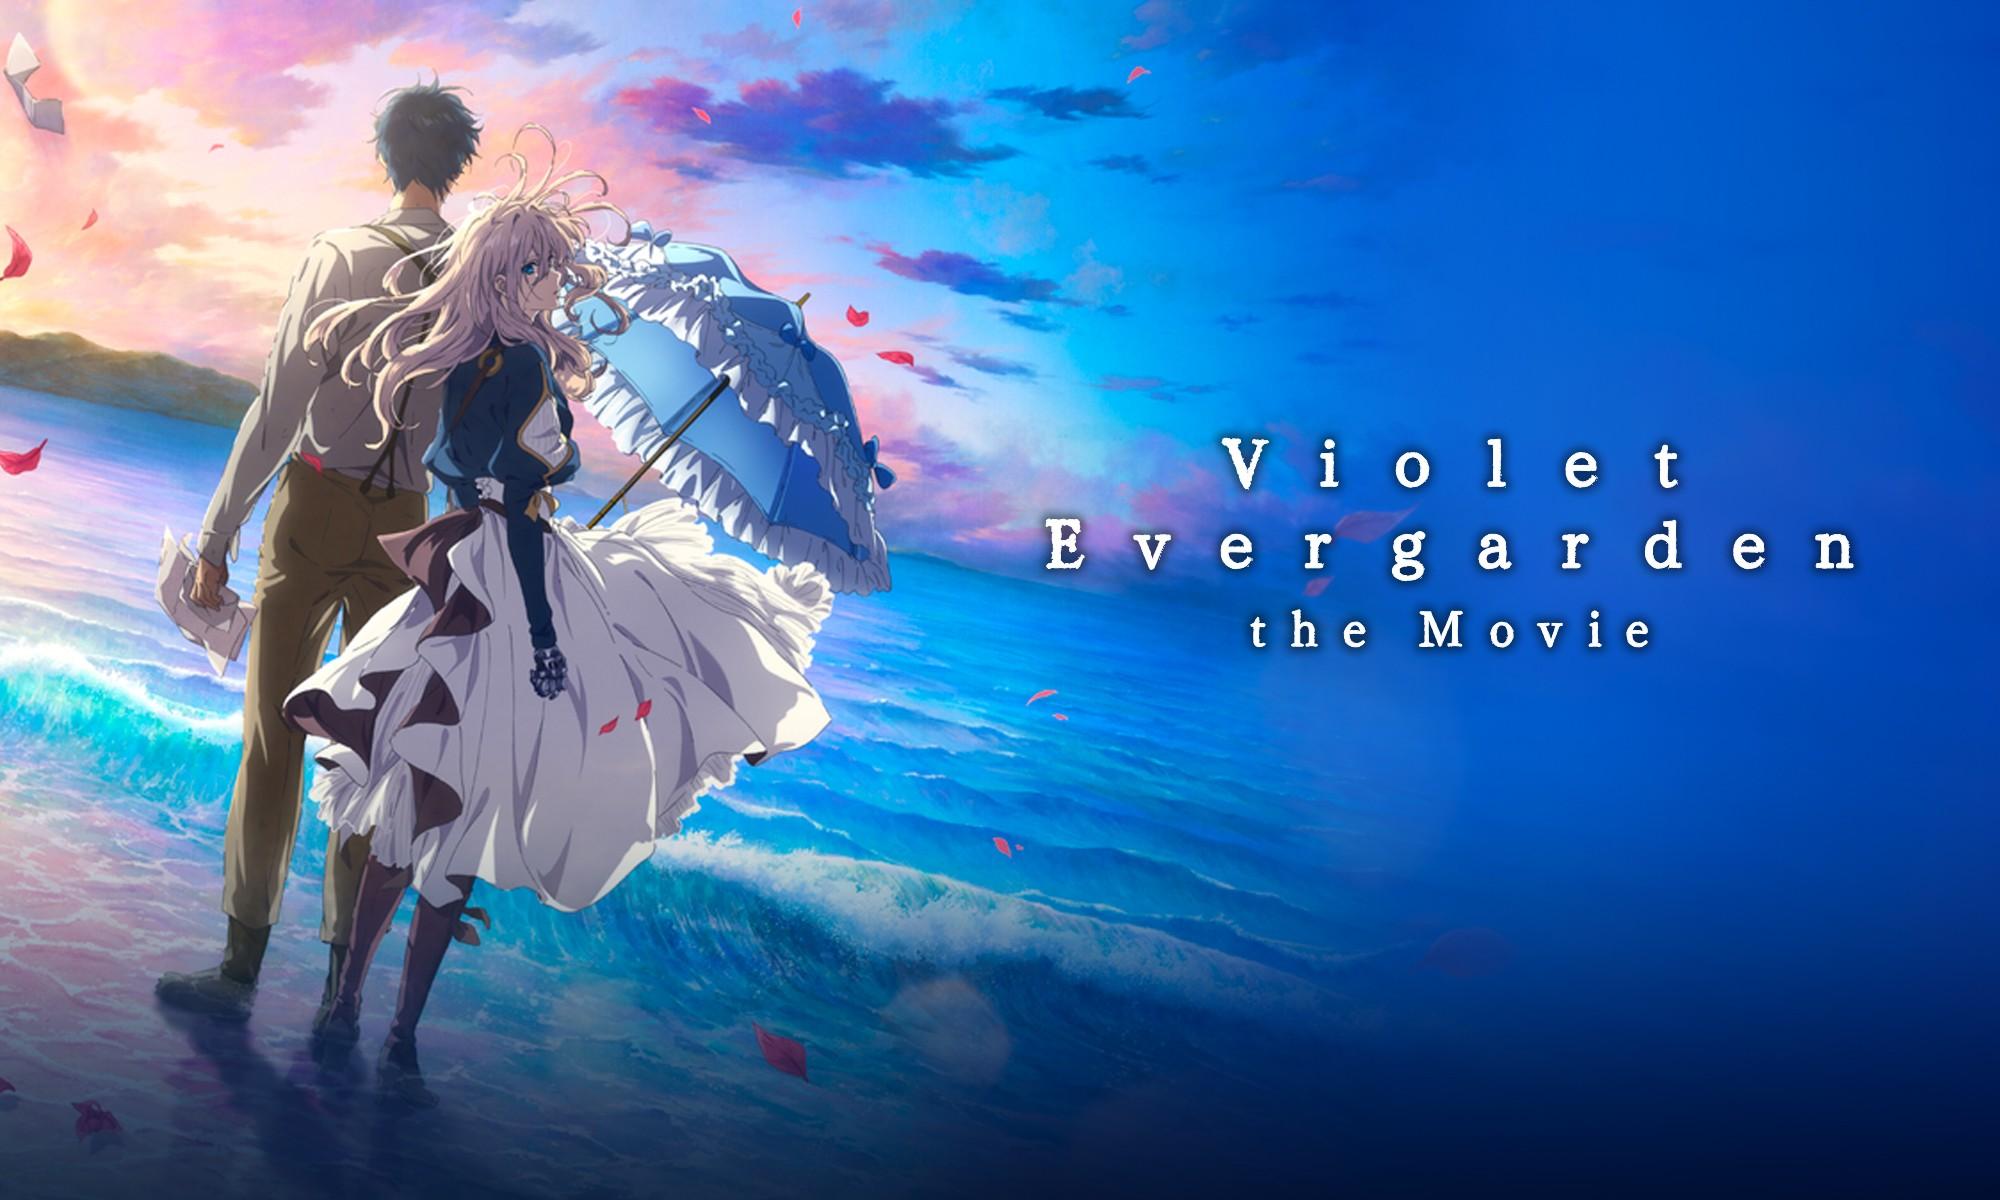 violet-evergarden-movie-netflix